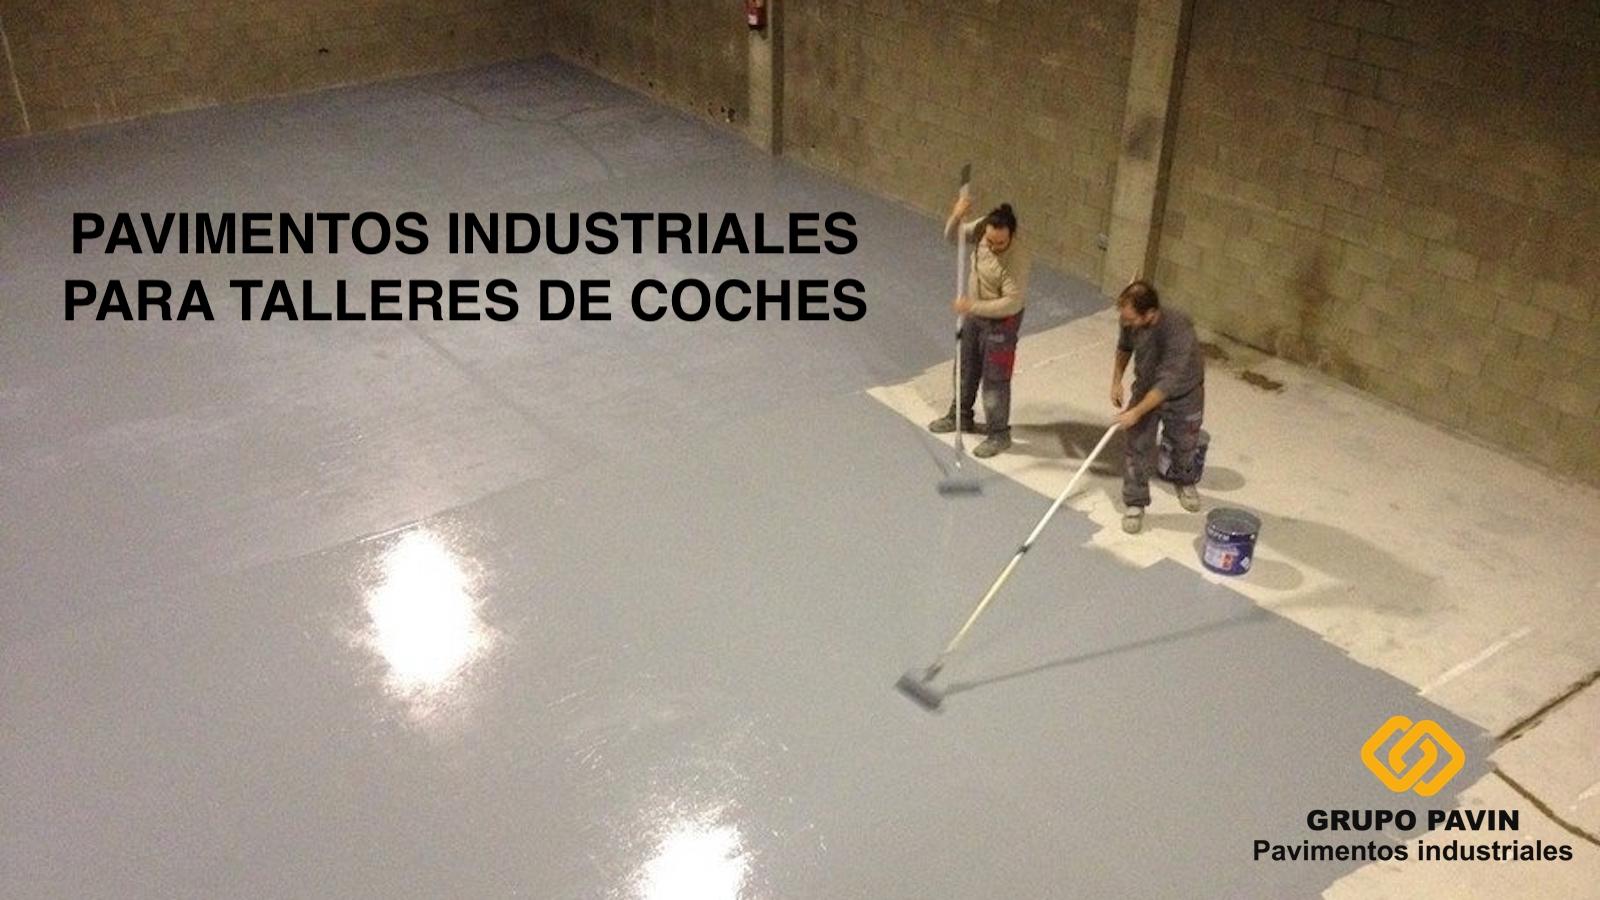 GRUPO PAVIN - Suelos y pavimentos industriales | Nave taller coches